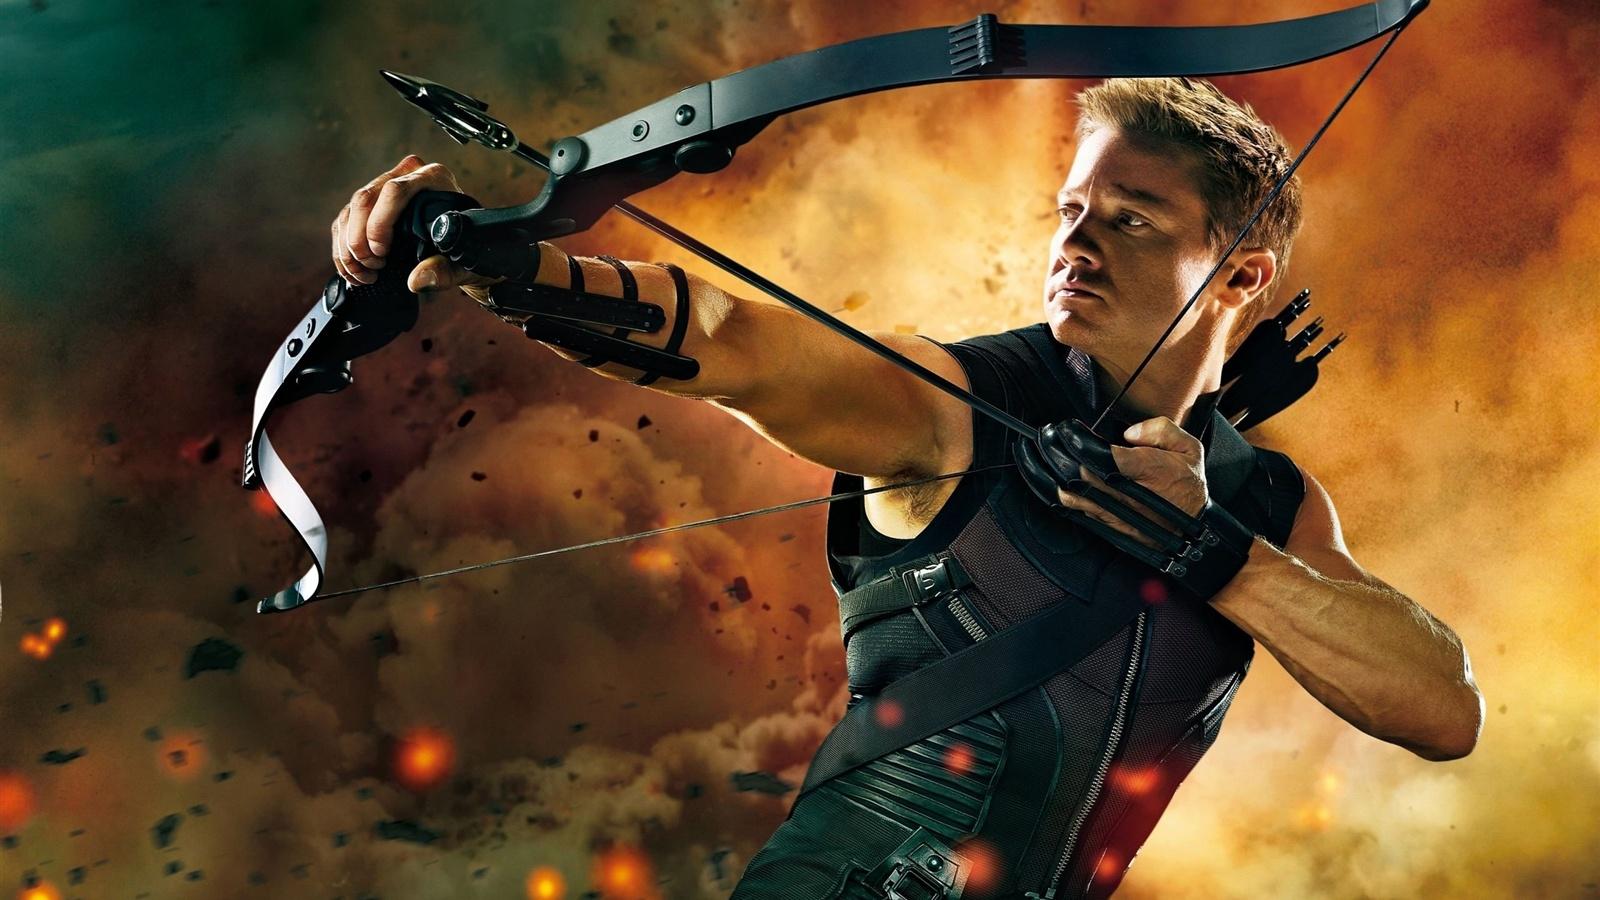 Hawkeye-in-The-Avengers_1600x900